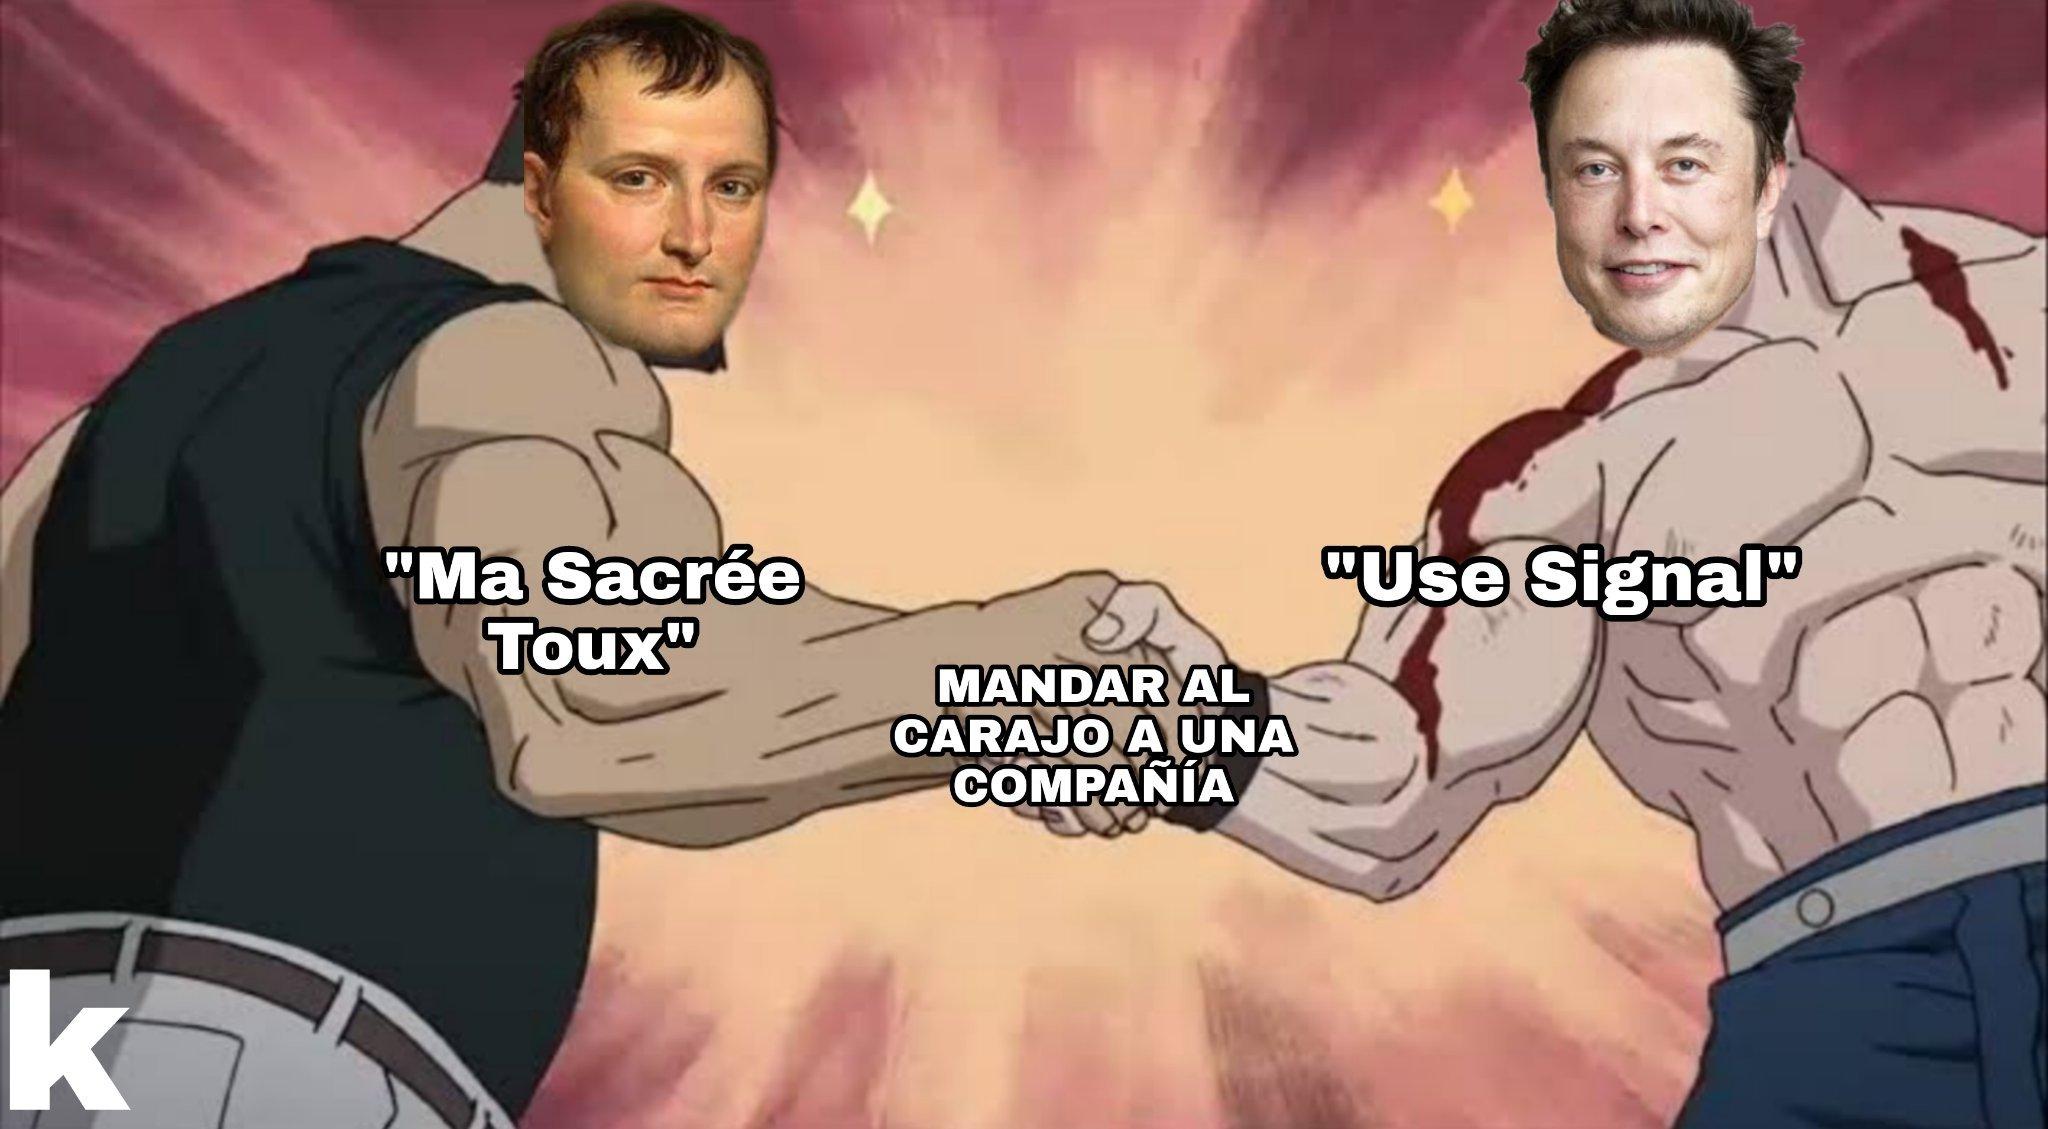 Napoleón Buenas partes y el Elon Musgos - meme